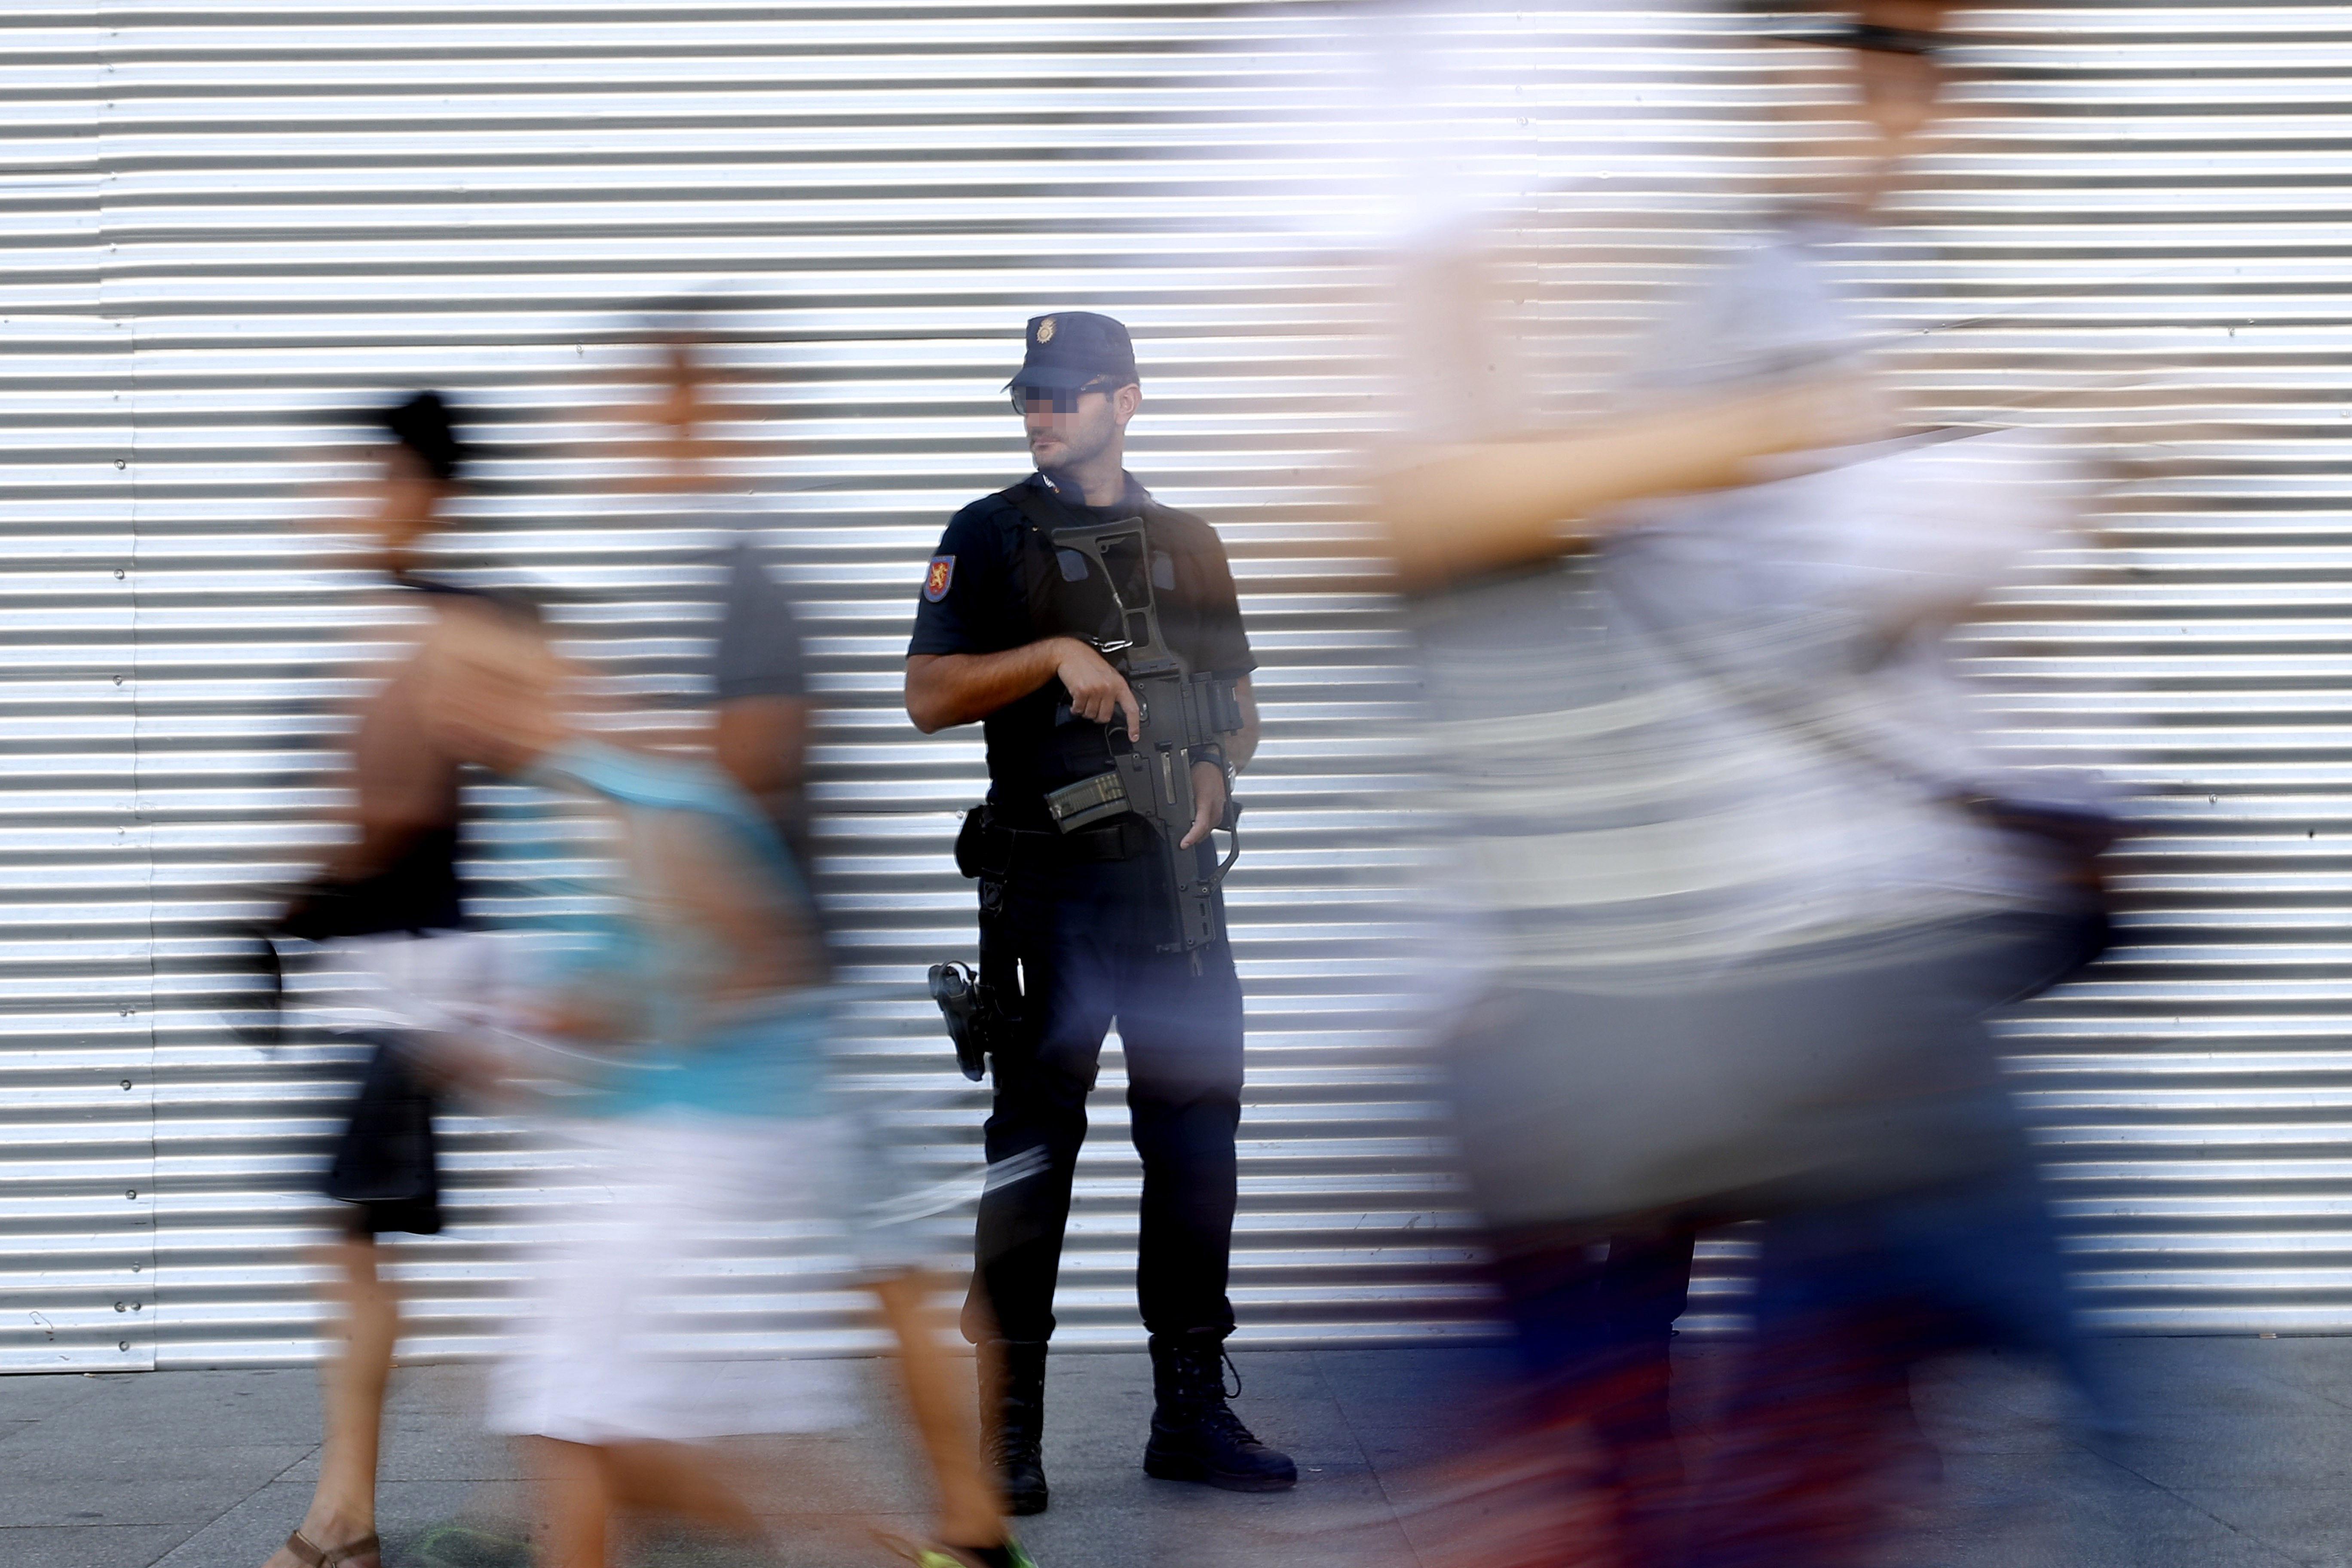 Agents de la Policia Nacional als voltants de la Puerta del Sol, Madrid. /JUAN CARLOS HIDALGO